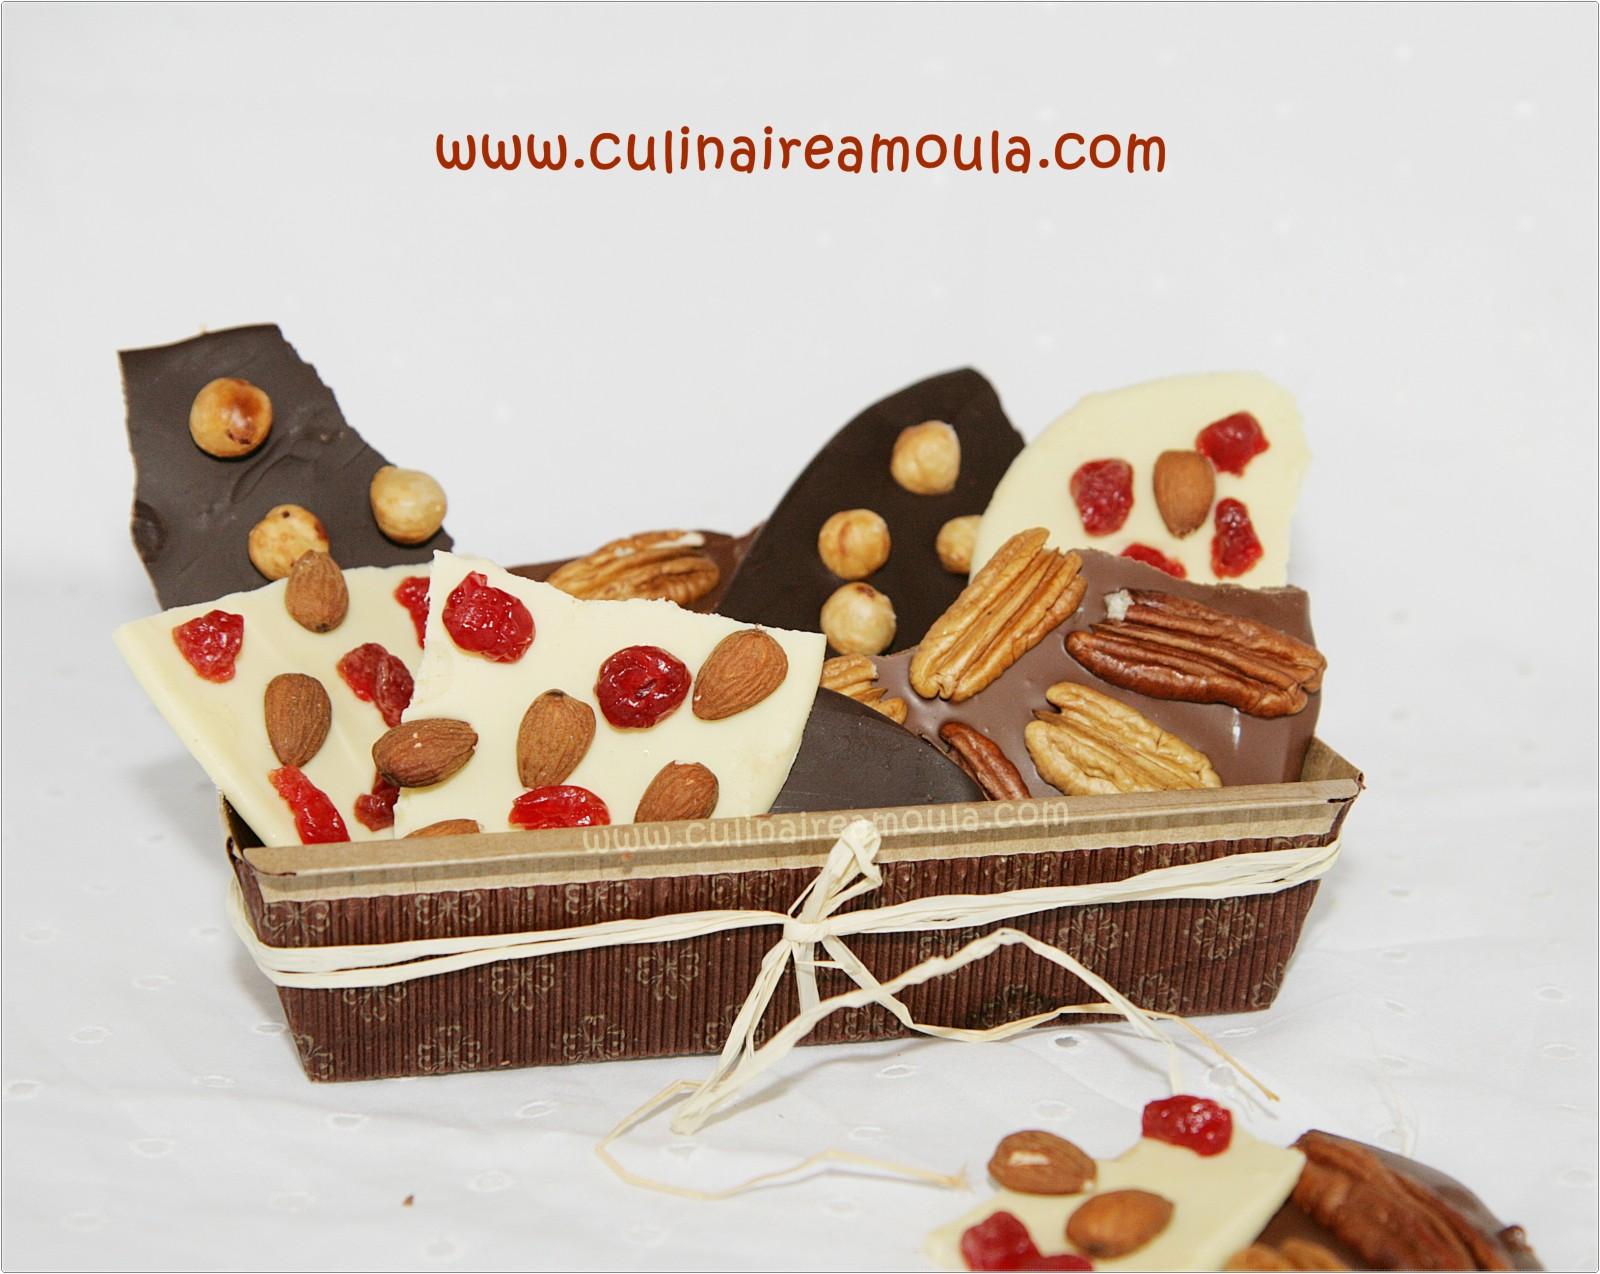 Mendiants au 3 chocolats, noir, lait et blanc  http://www.culinaireamoula.com/article-mendiants-au-trois-chocolats-noir-lait-et-blanc-121408880.html